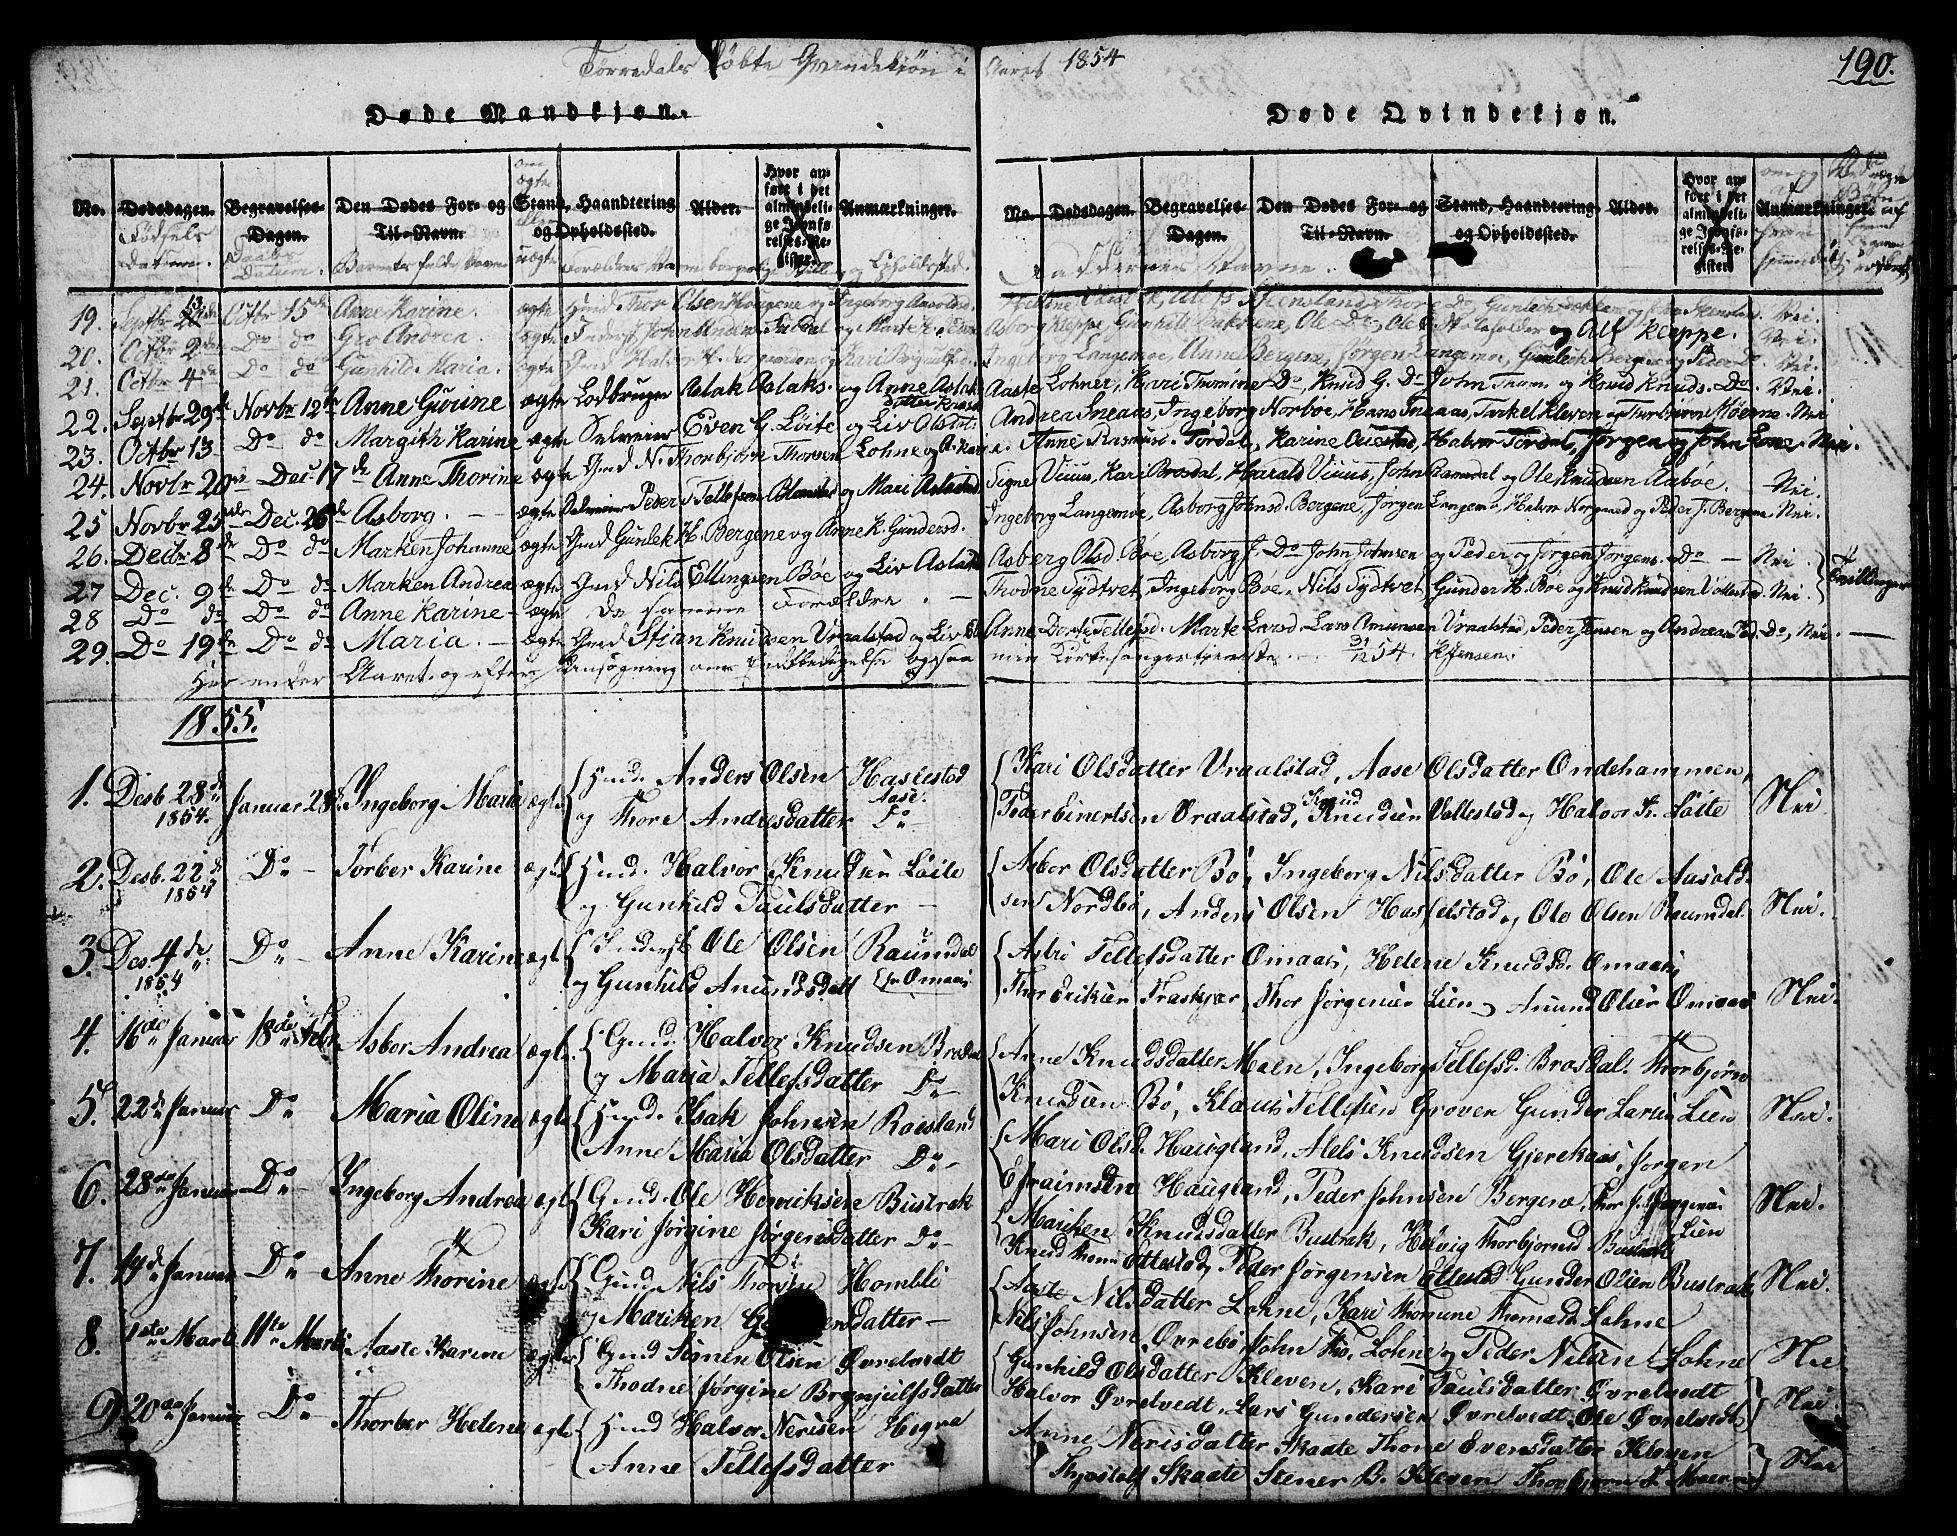 SAKO, Drangedal kirkebøker, G/Ga/L0001: Klokkerbok nr. I 1 /2, 1814-1856, s. 190